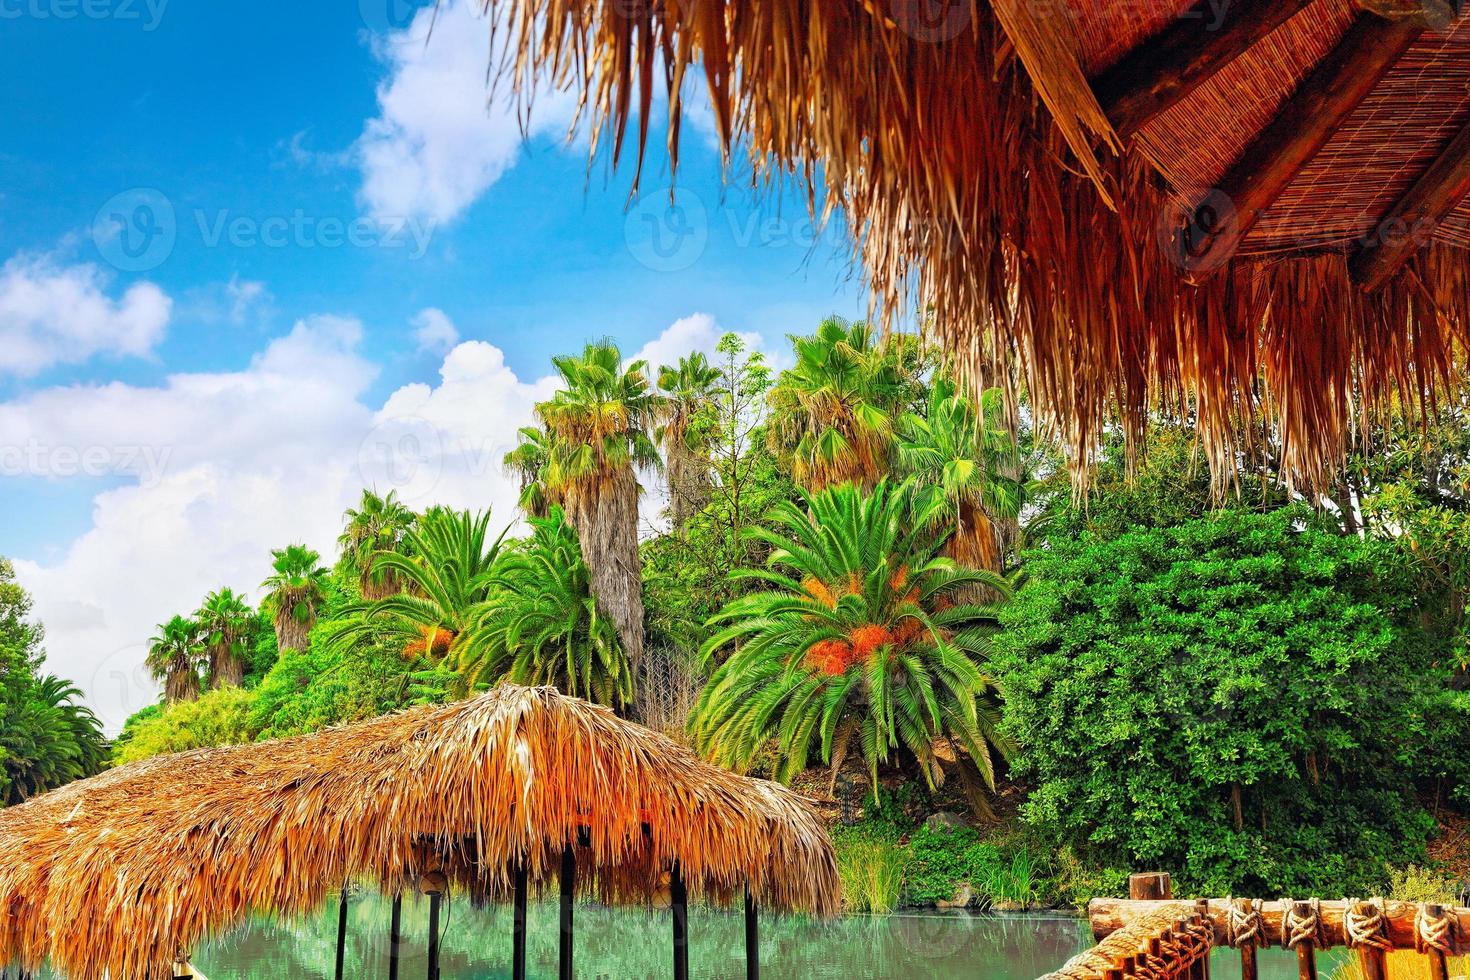 prachtig landschap van vochtige tropische jungle. foto